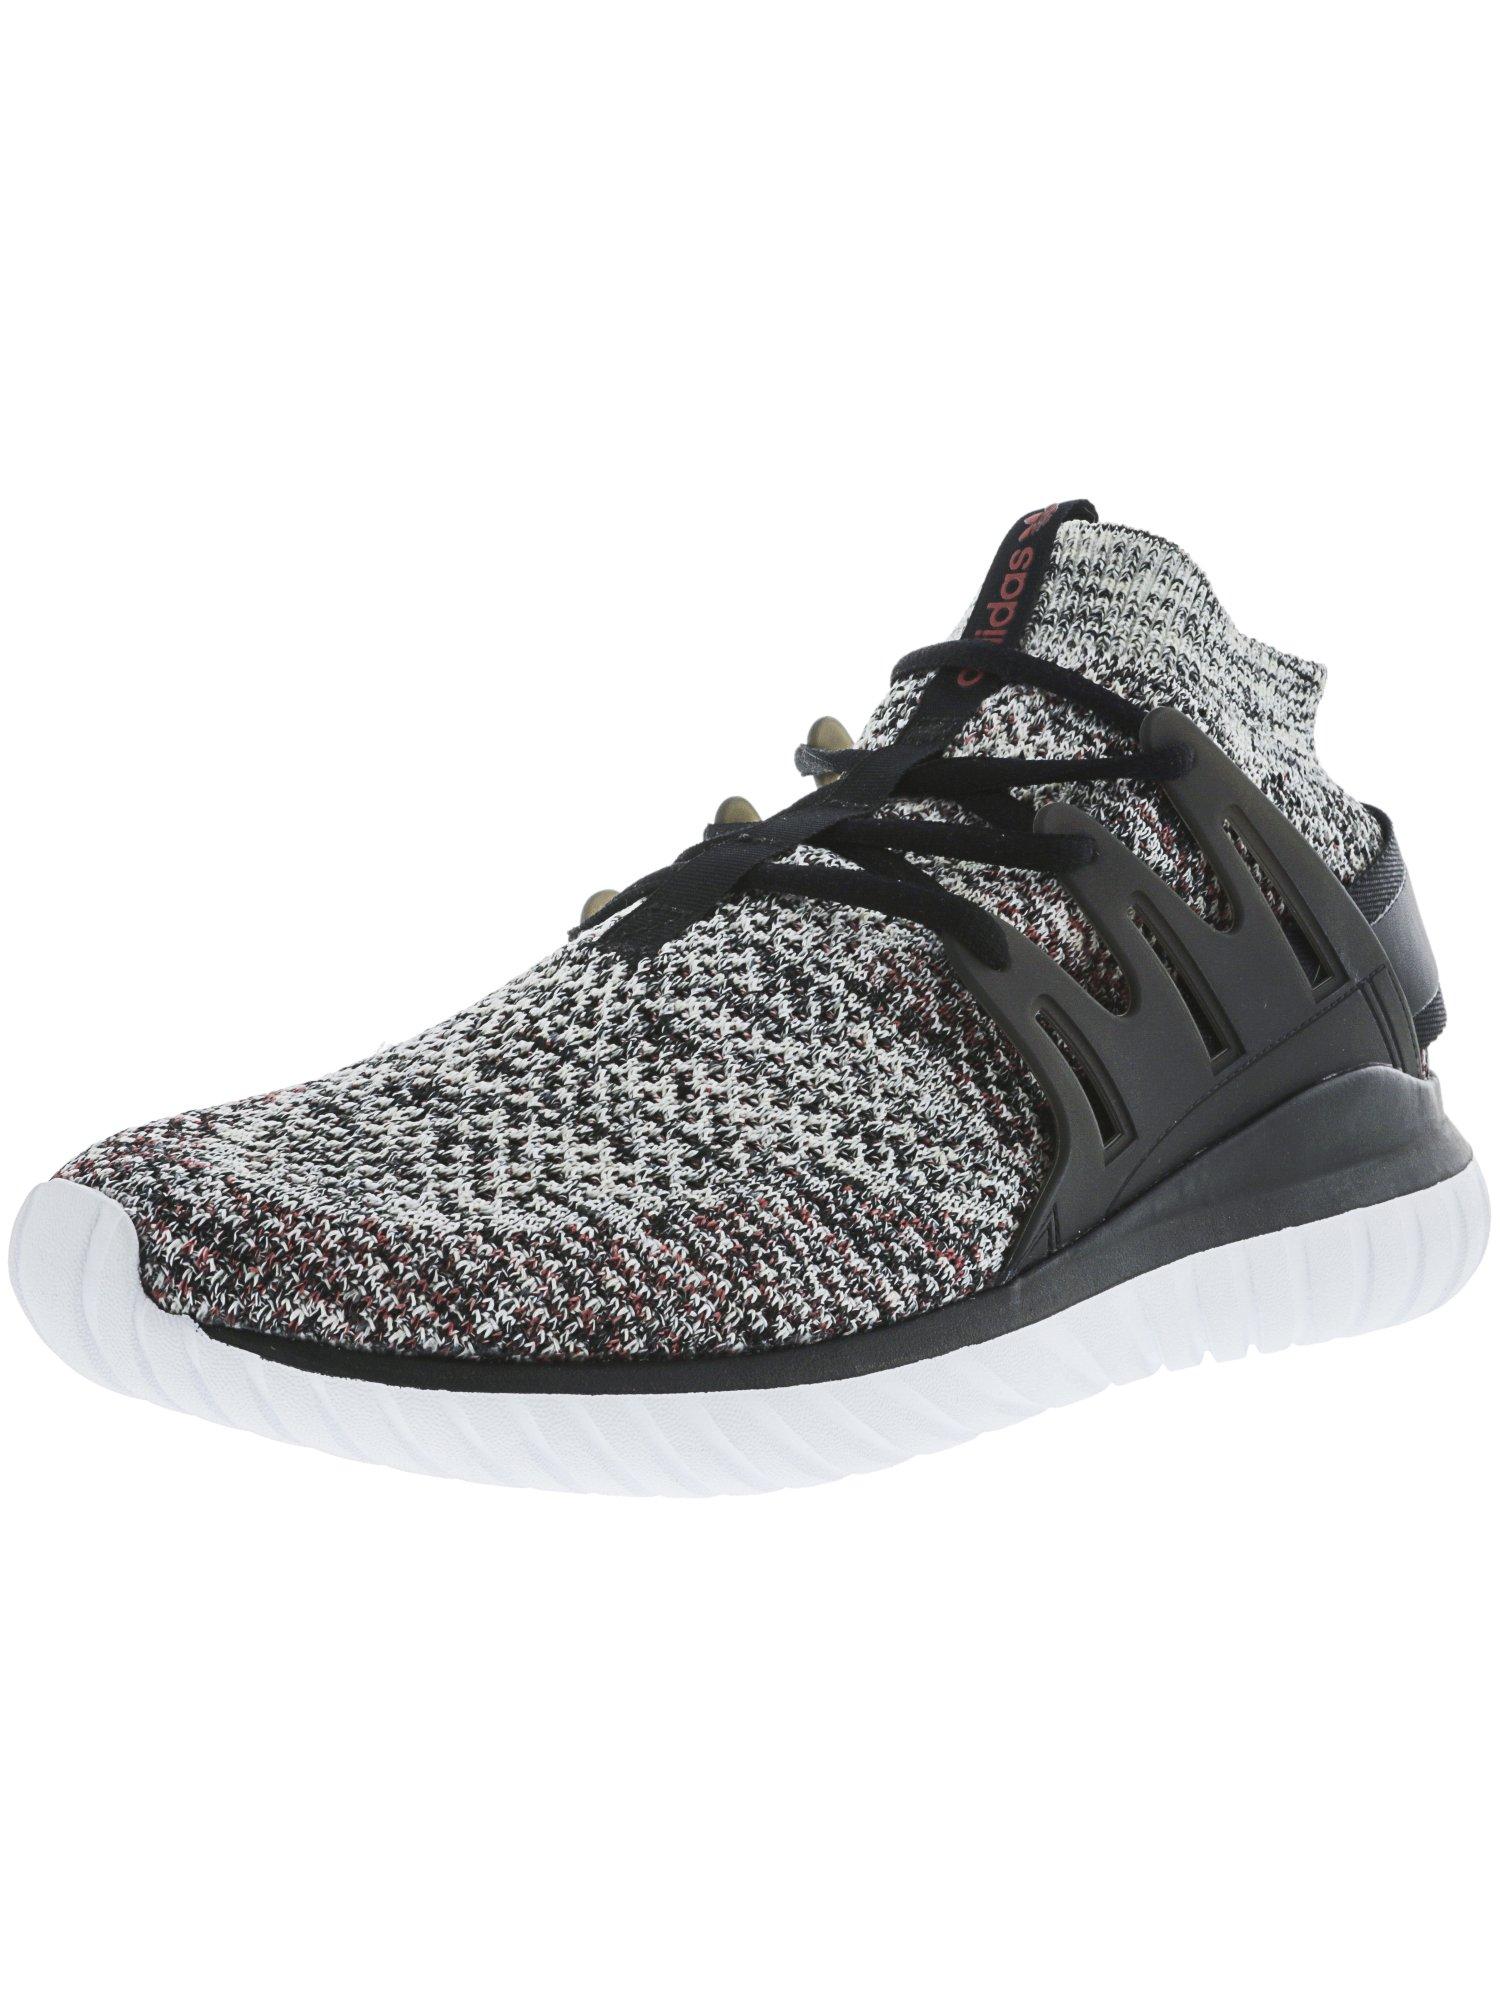 Adidas Men's Tubular Nova Mid-Top Running Shoe